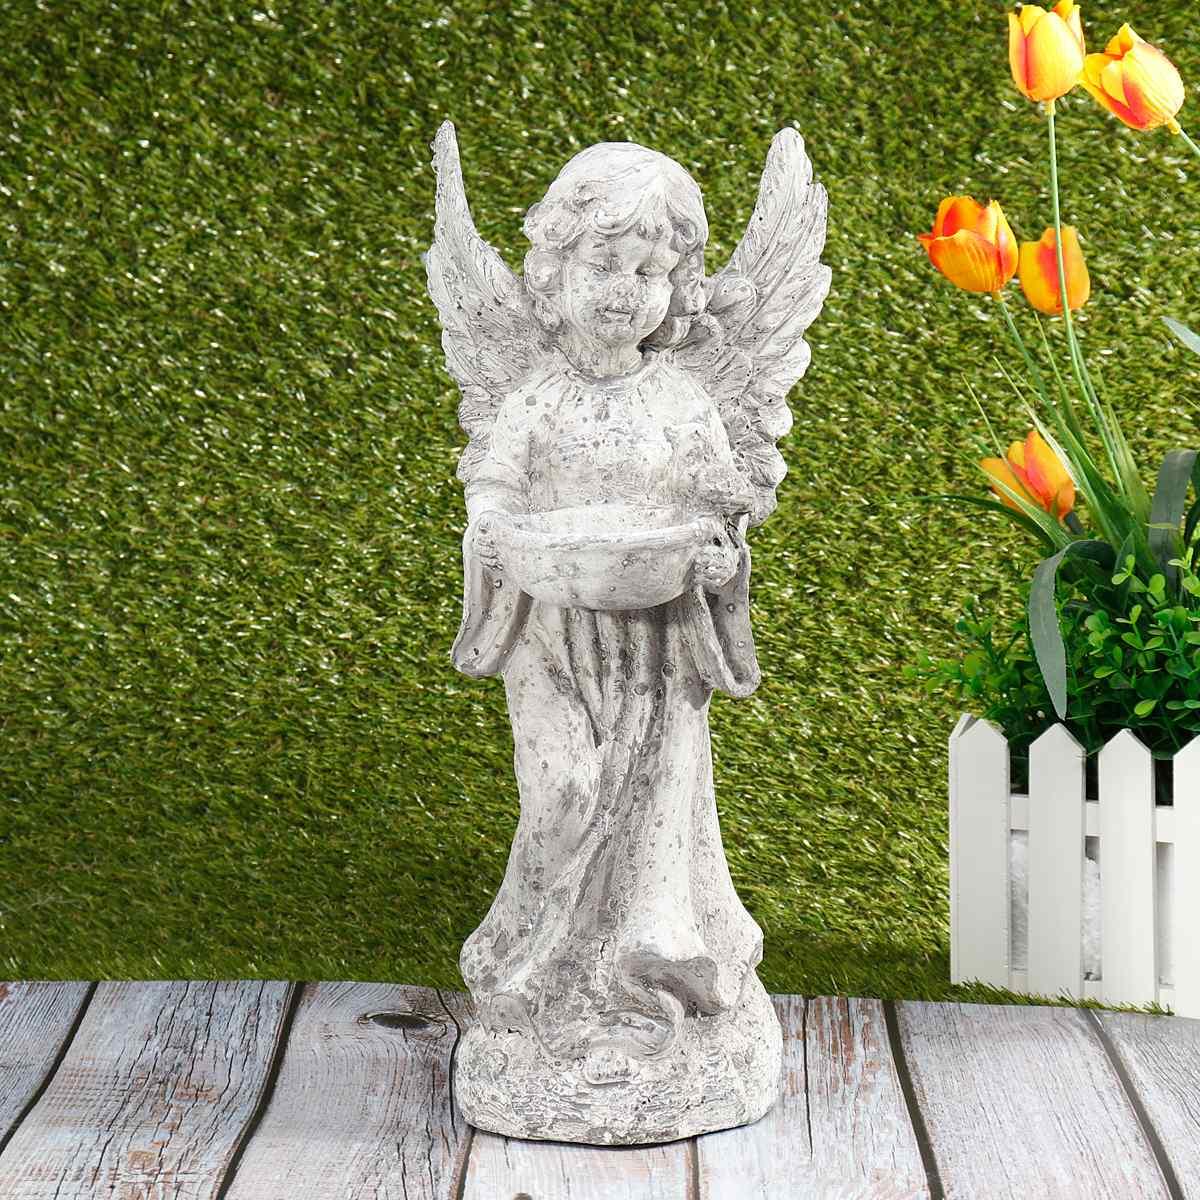 Offre spéciale jardin oiseaux mangeoires Statue mignon cupidon ange ornements décoration artisanat bureau ornement pour maison jardin cadeau Figurine